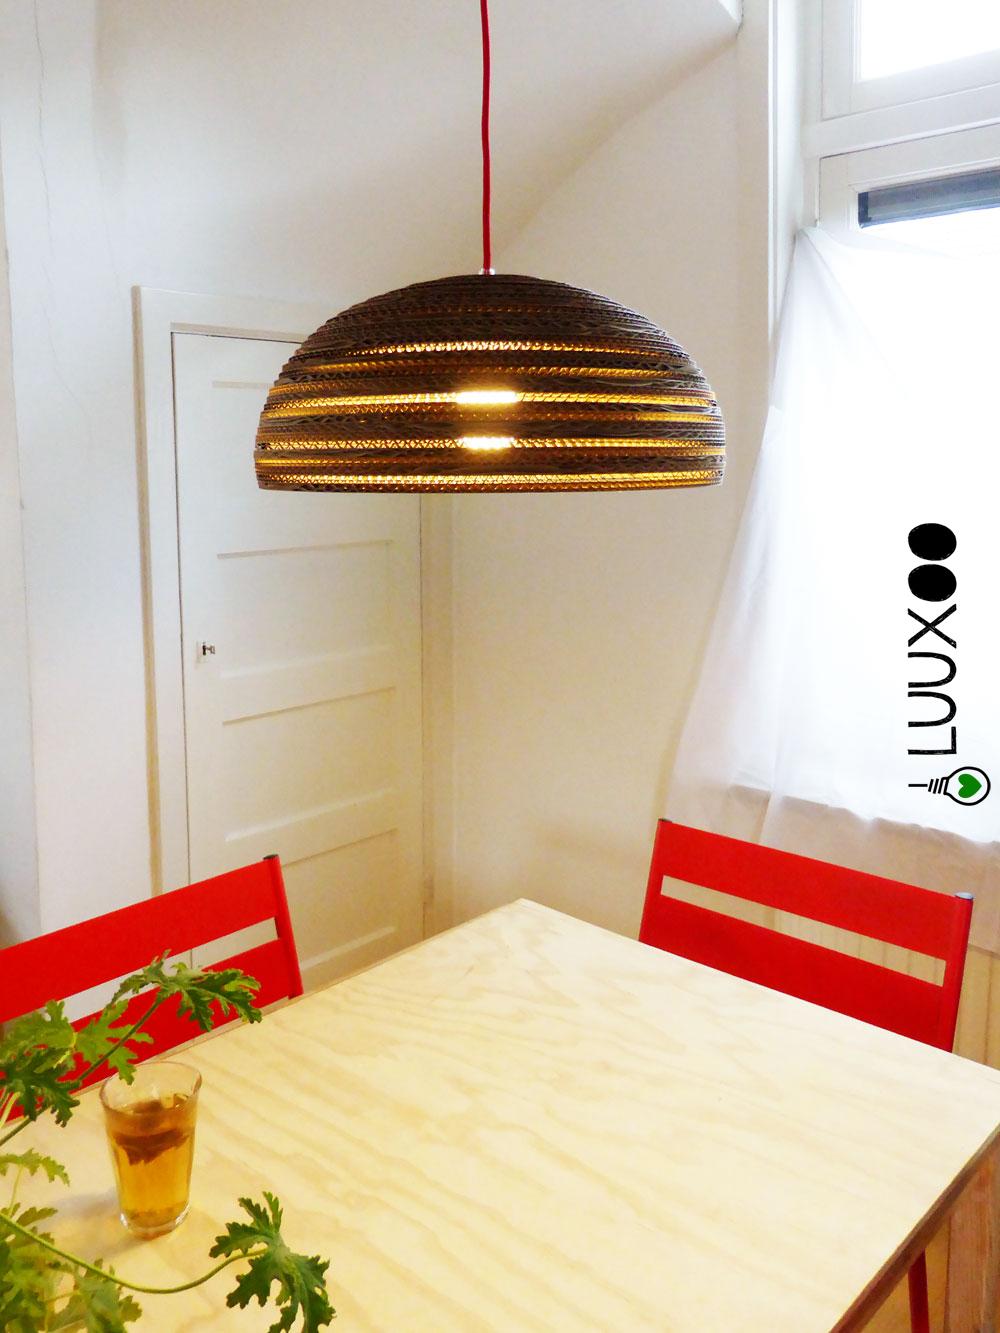 luuxoo-kartonnen-eettafel-lamp-claro-light-style2-rs